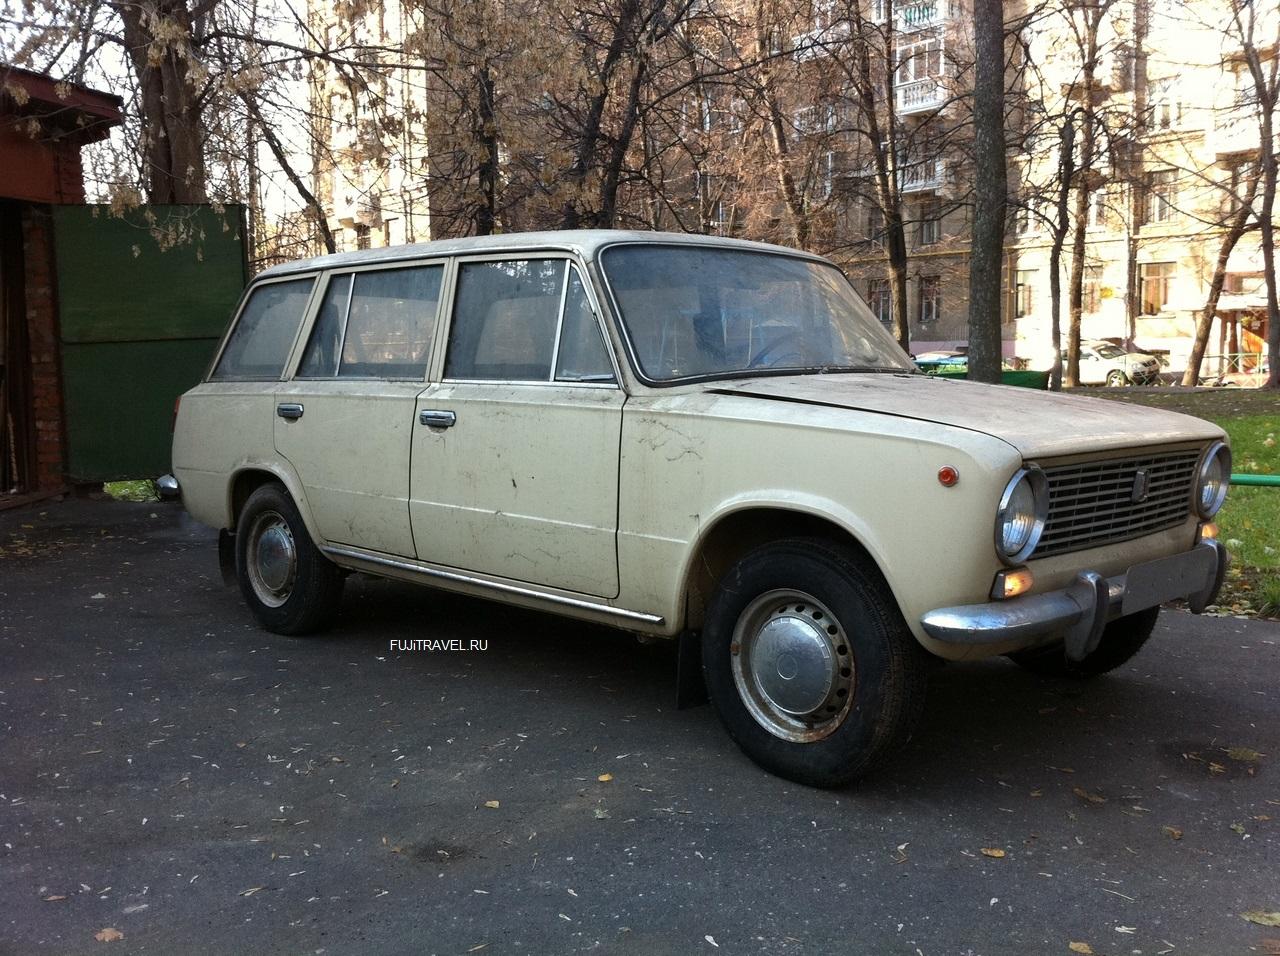 USSR CARS